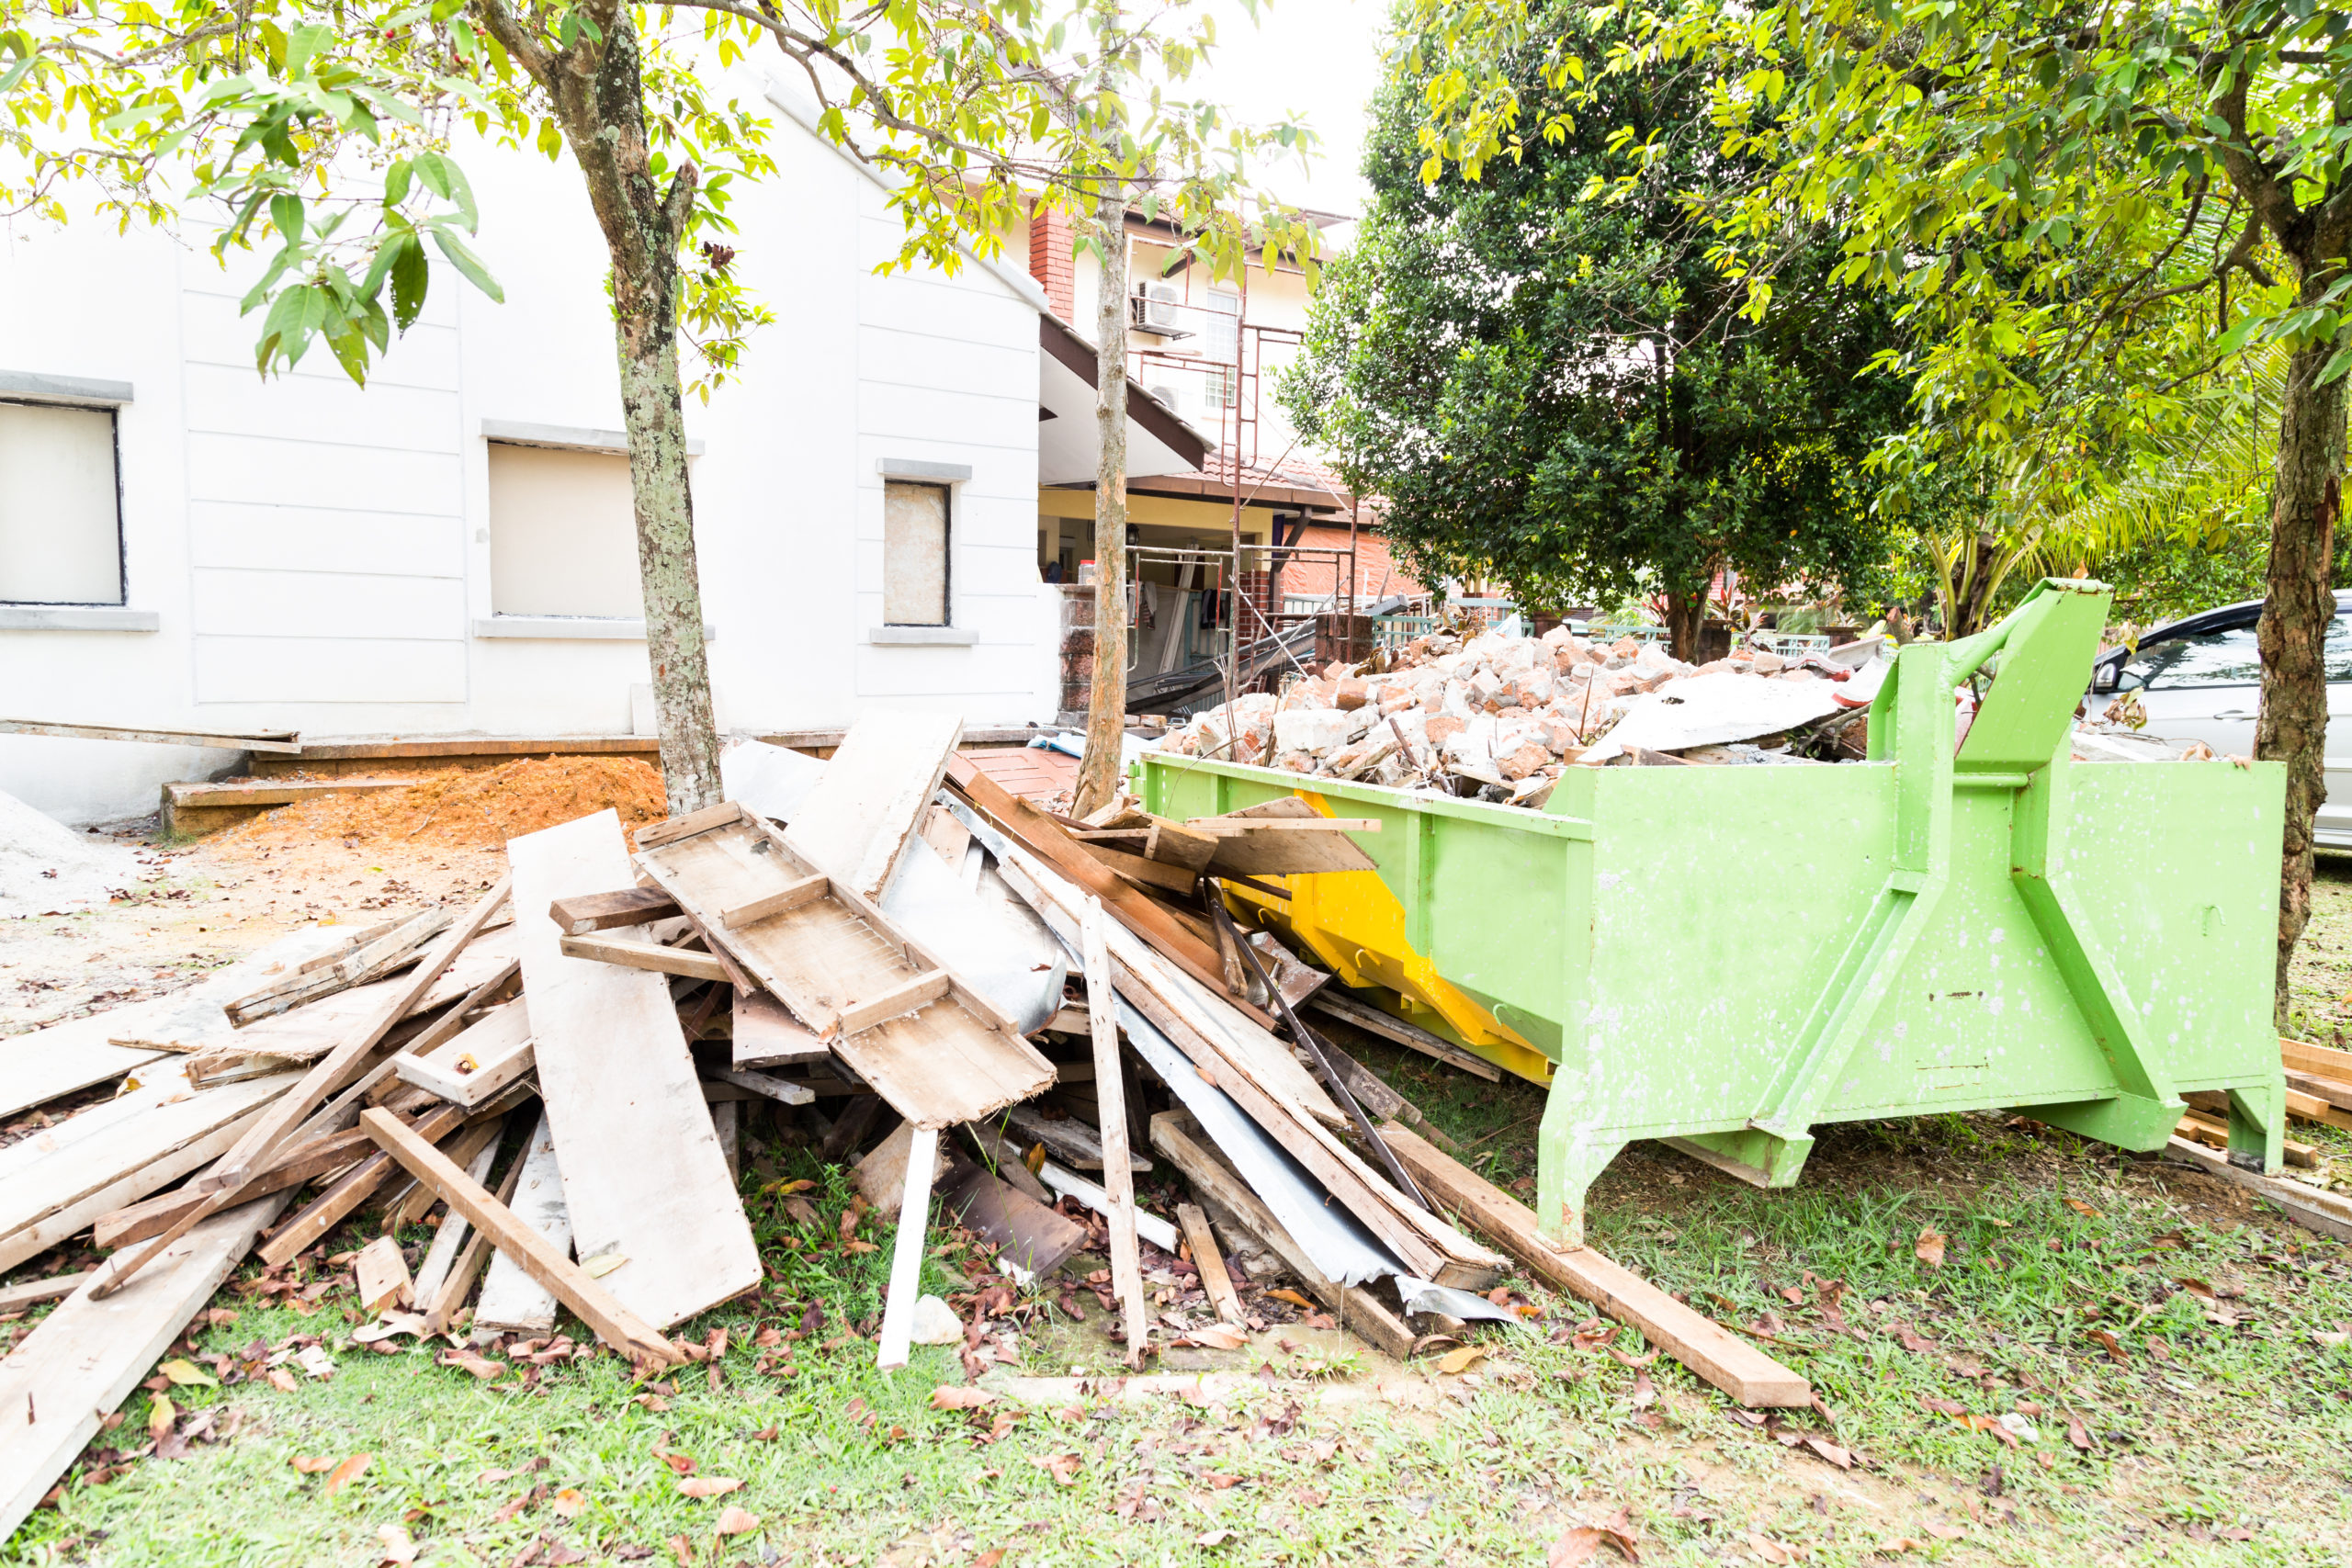 Garden Rubbish Clearance